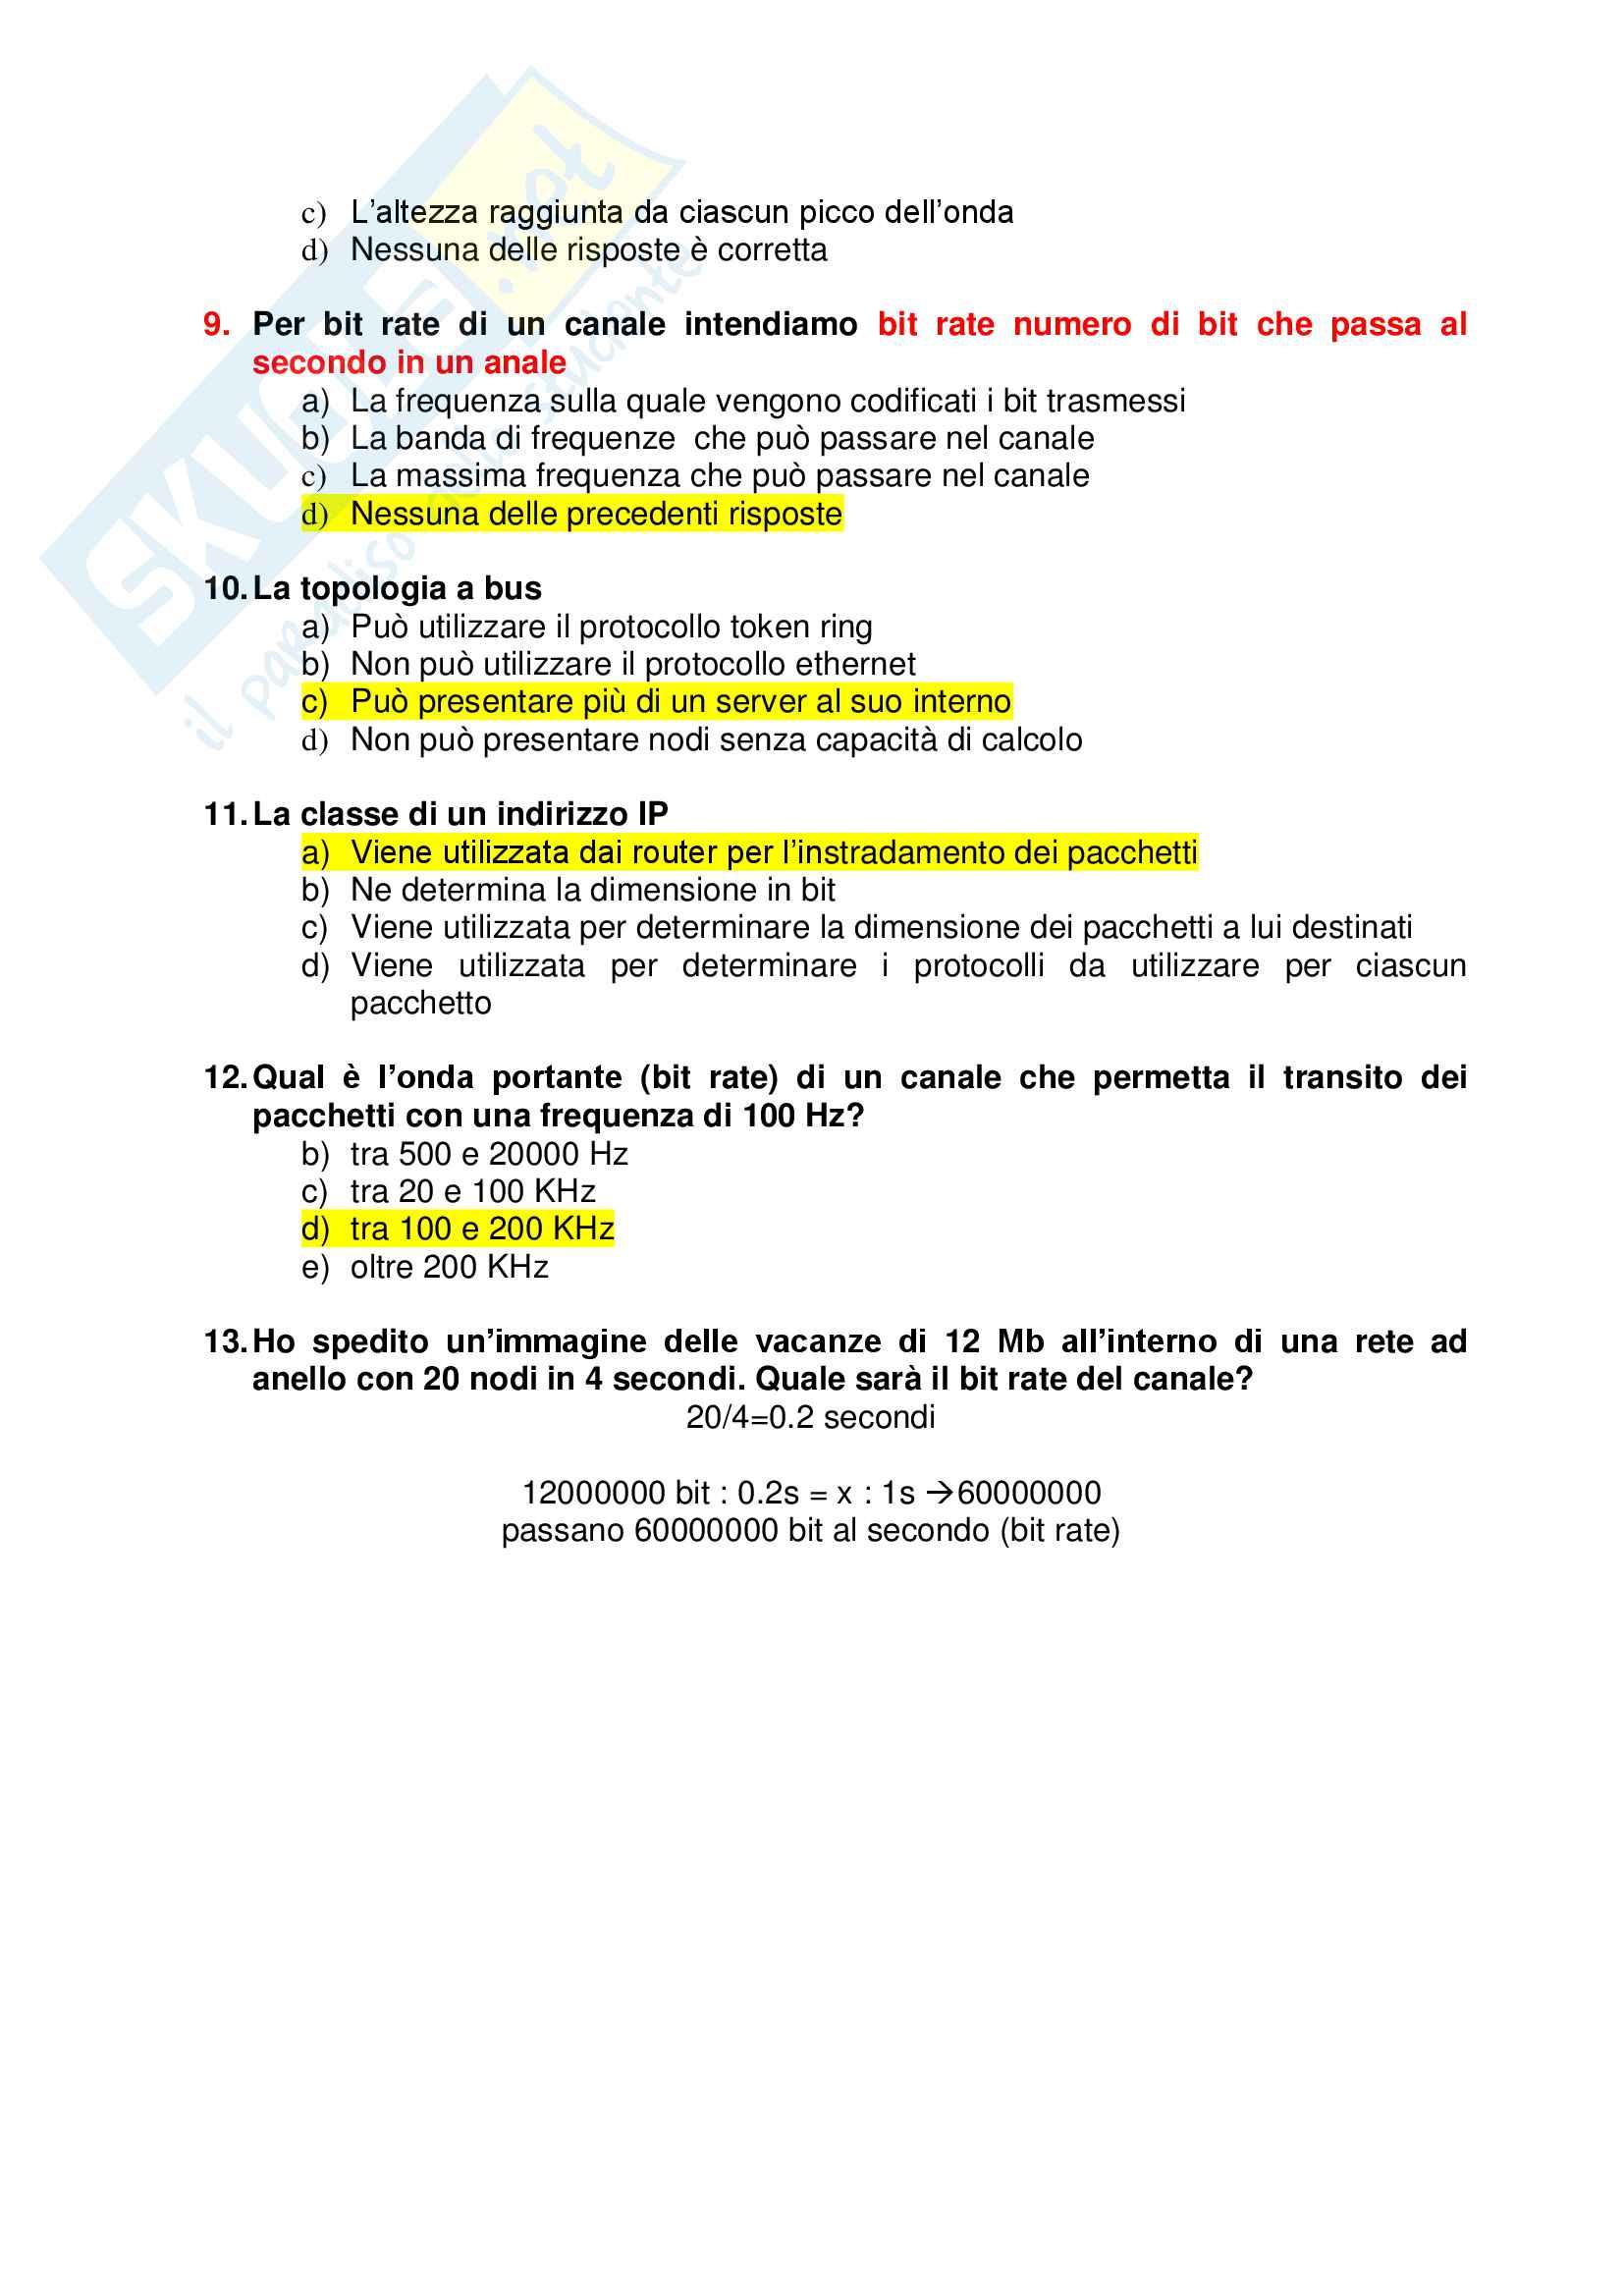 Simulazione ed esercizi di informatica svolti, prof. Frosini e Pergola Pag. 2